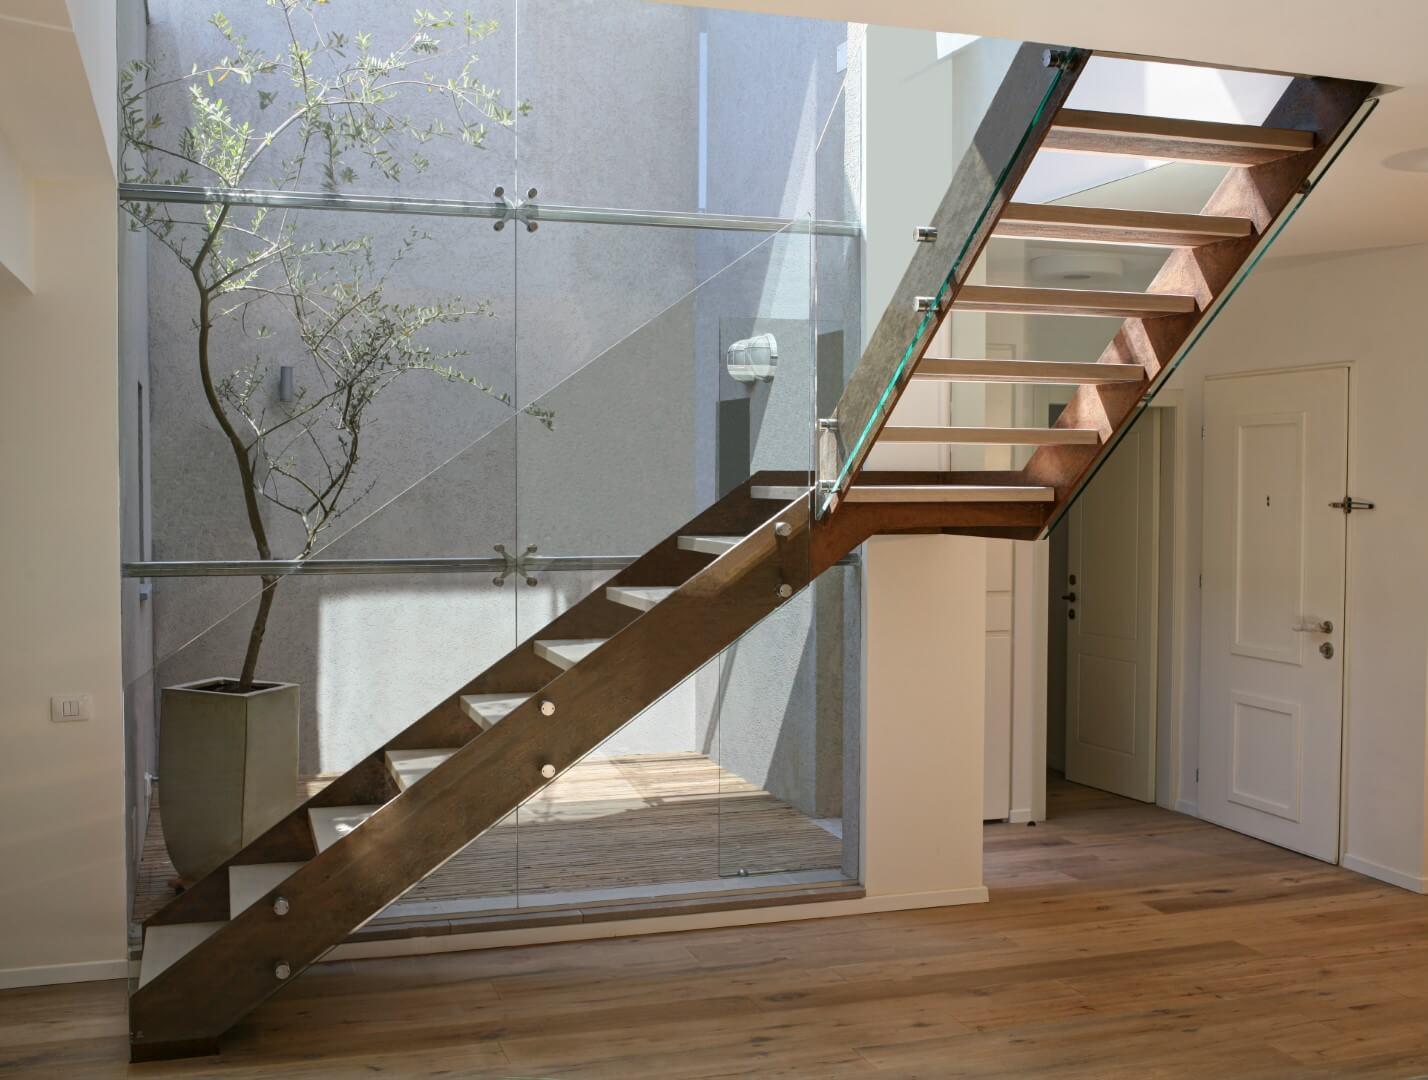 מבט על שני גרמי מדרגות מרחפות מברזל, קורטן ועץ אלון אמריקאי מולבן עם מעקה זכוכית המחברות בין שתי קומות הבית